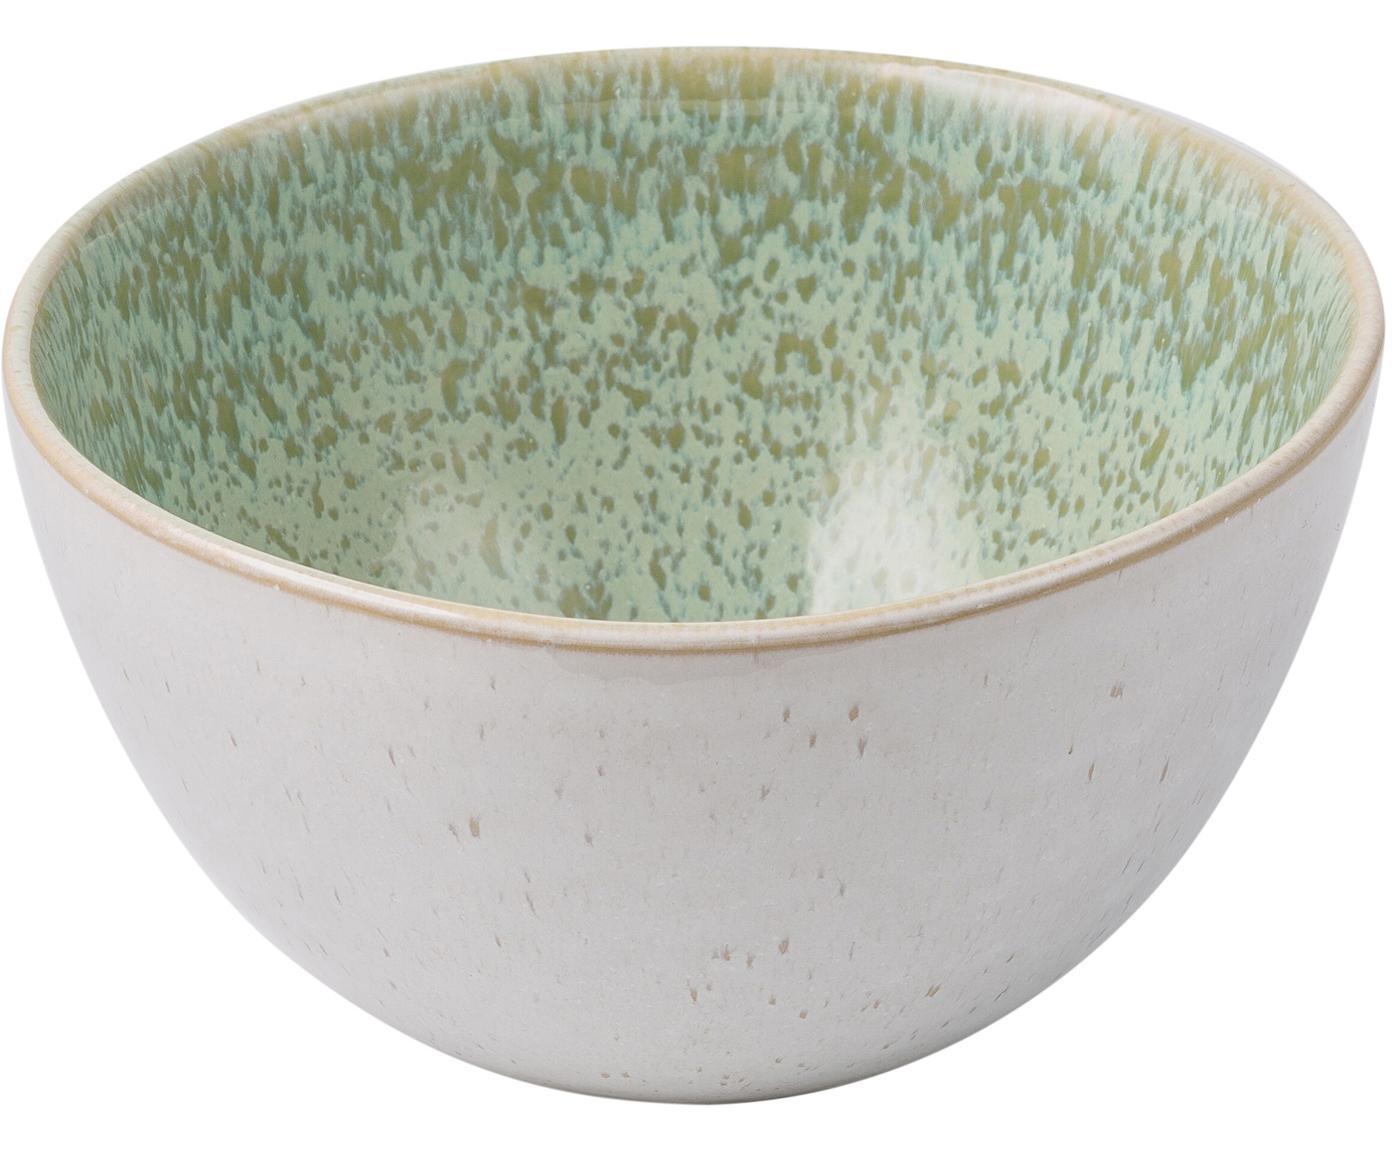 Handbemalte Schälchen Areia, 2 Stück, Steingut, Mint, Gebrochenes Weiss, Beige, Ø 15 x H 8 cm